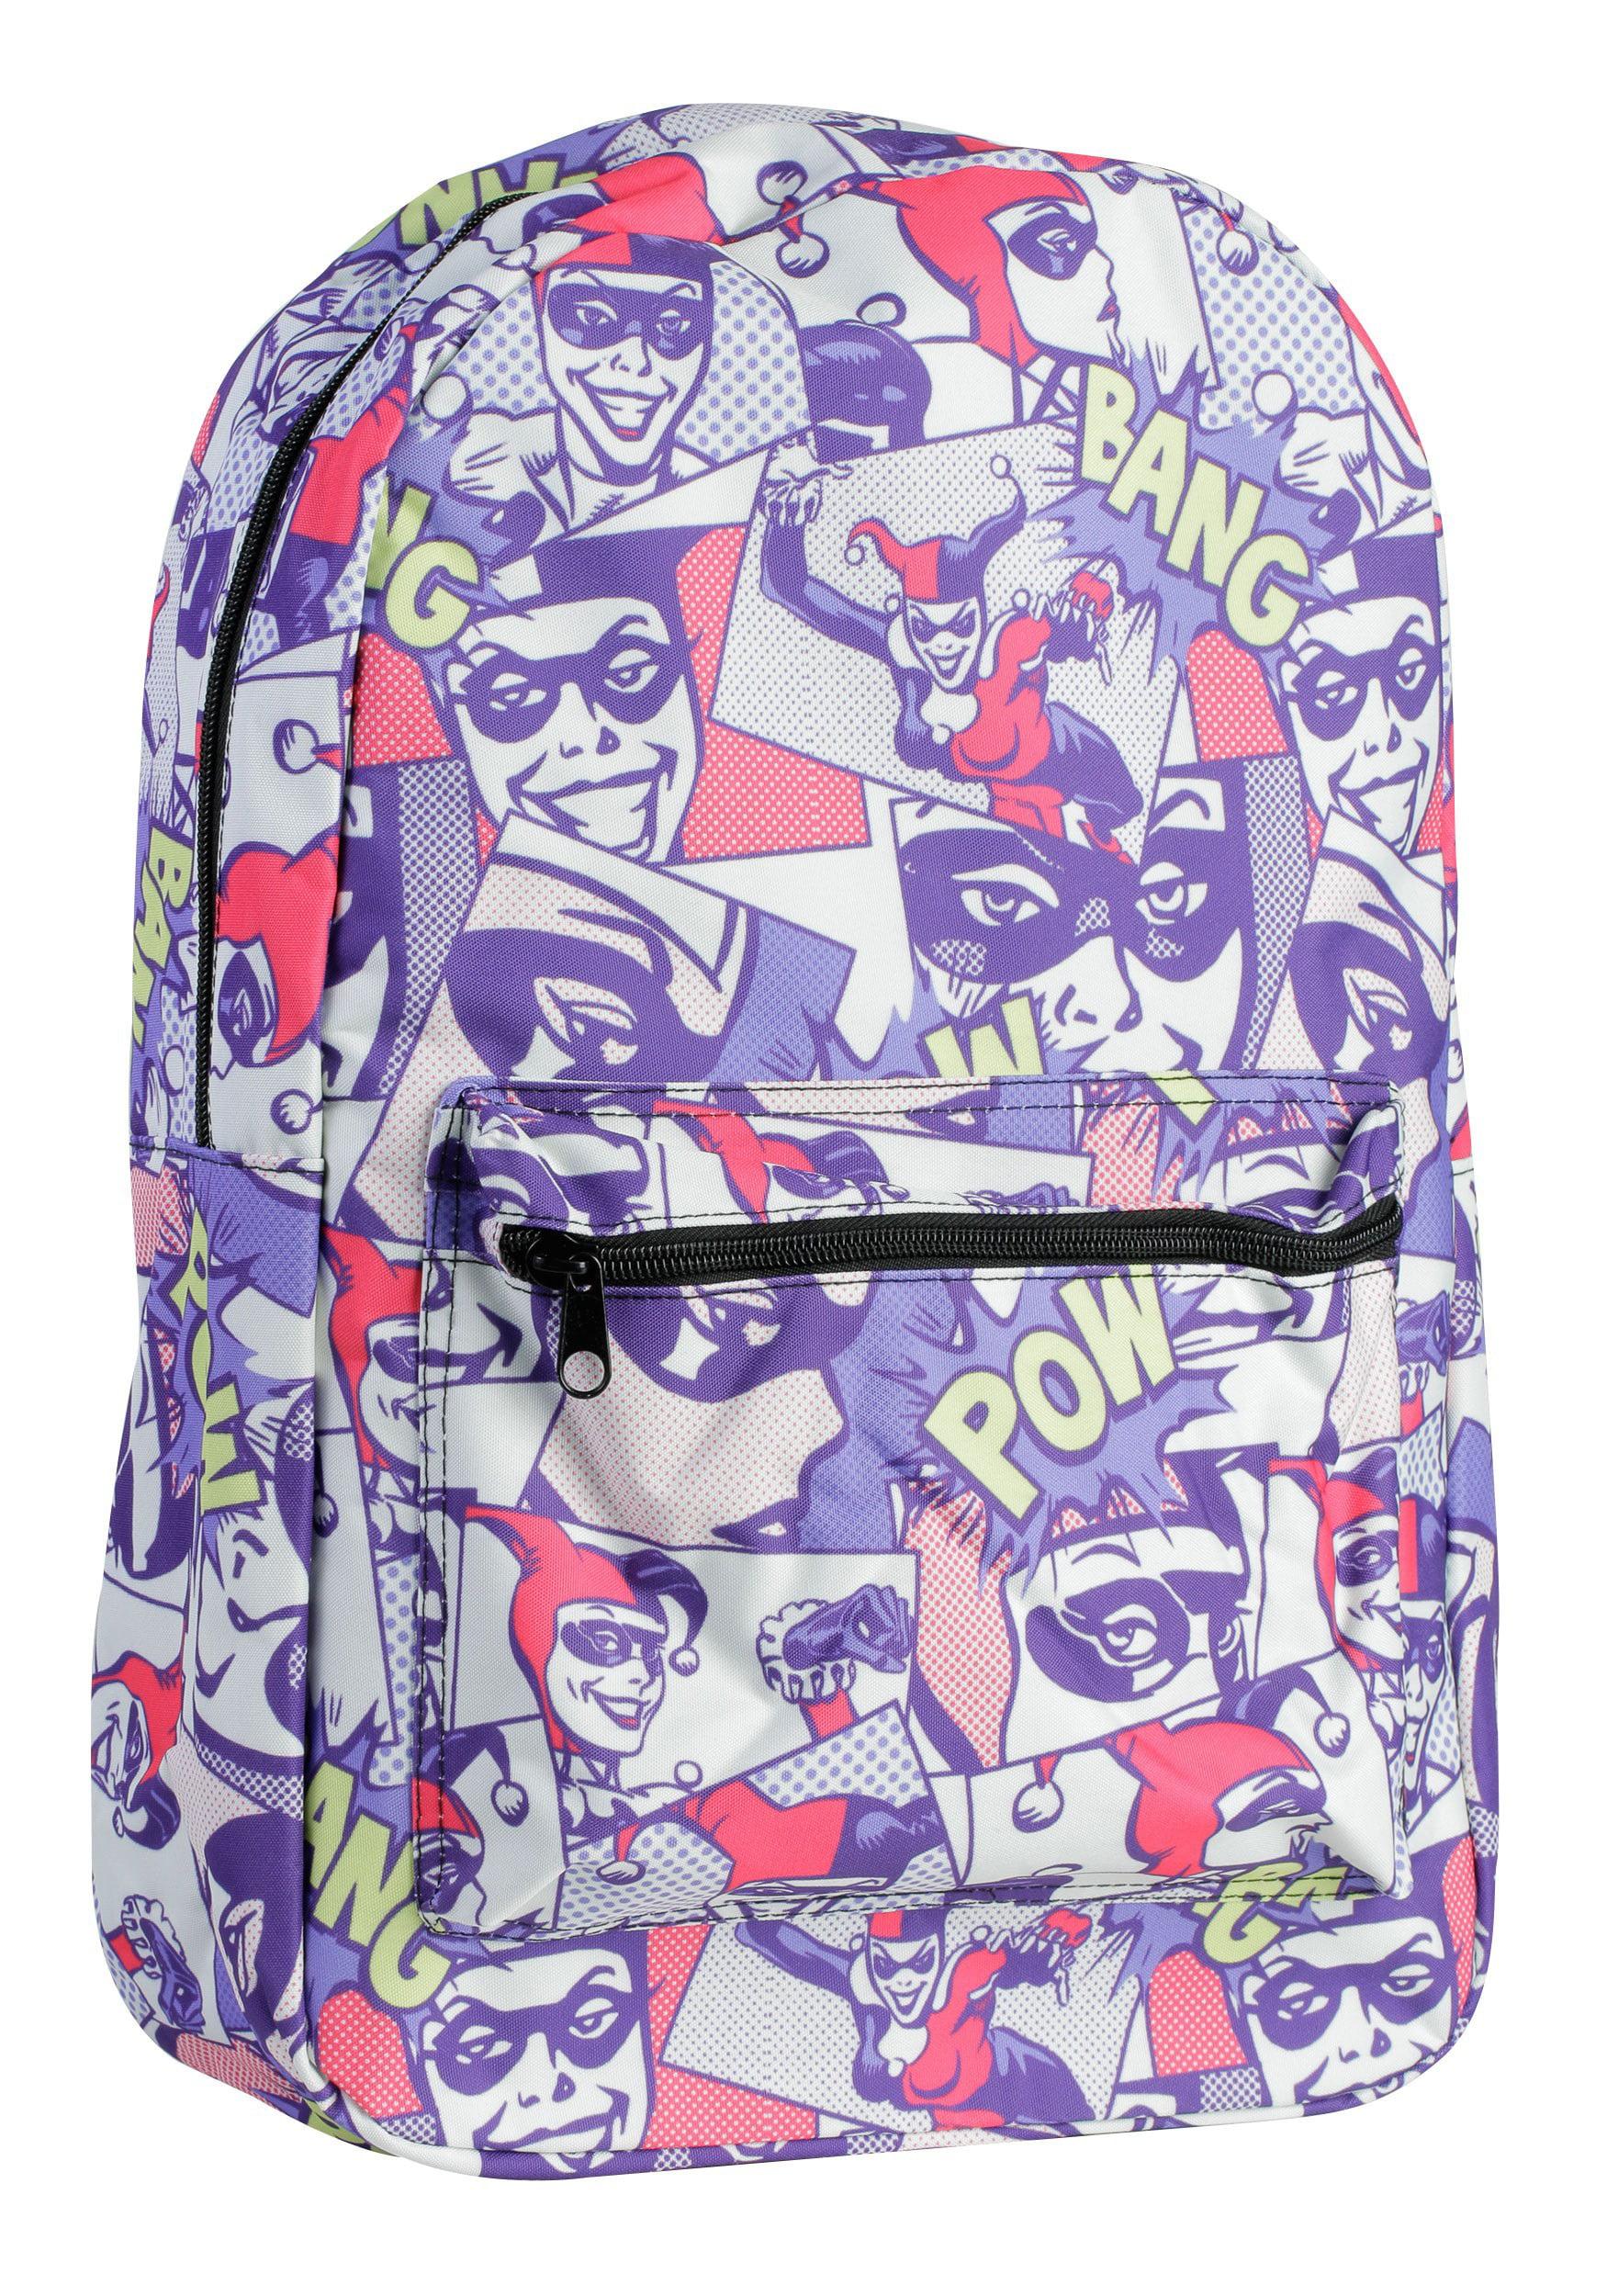 a758aa922d5 Harley quinn book bag jpg 1750x2500 Harley quinn book bag